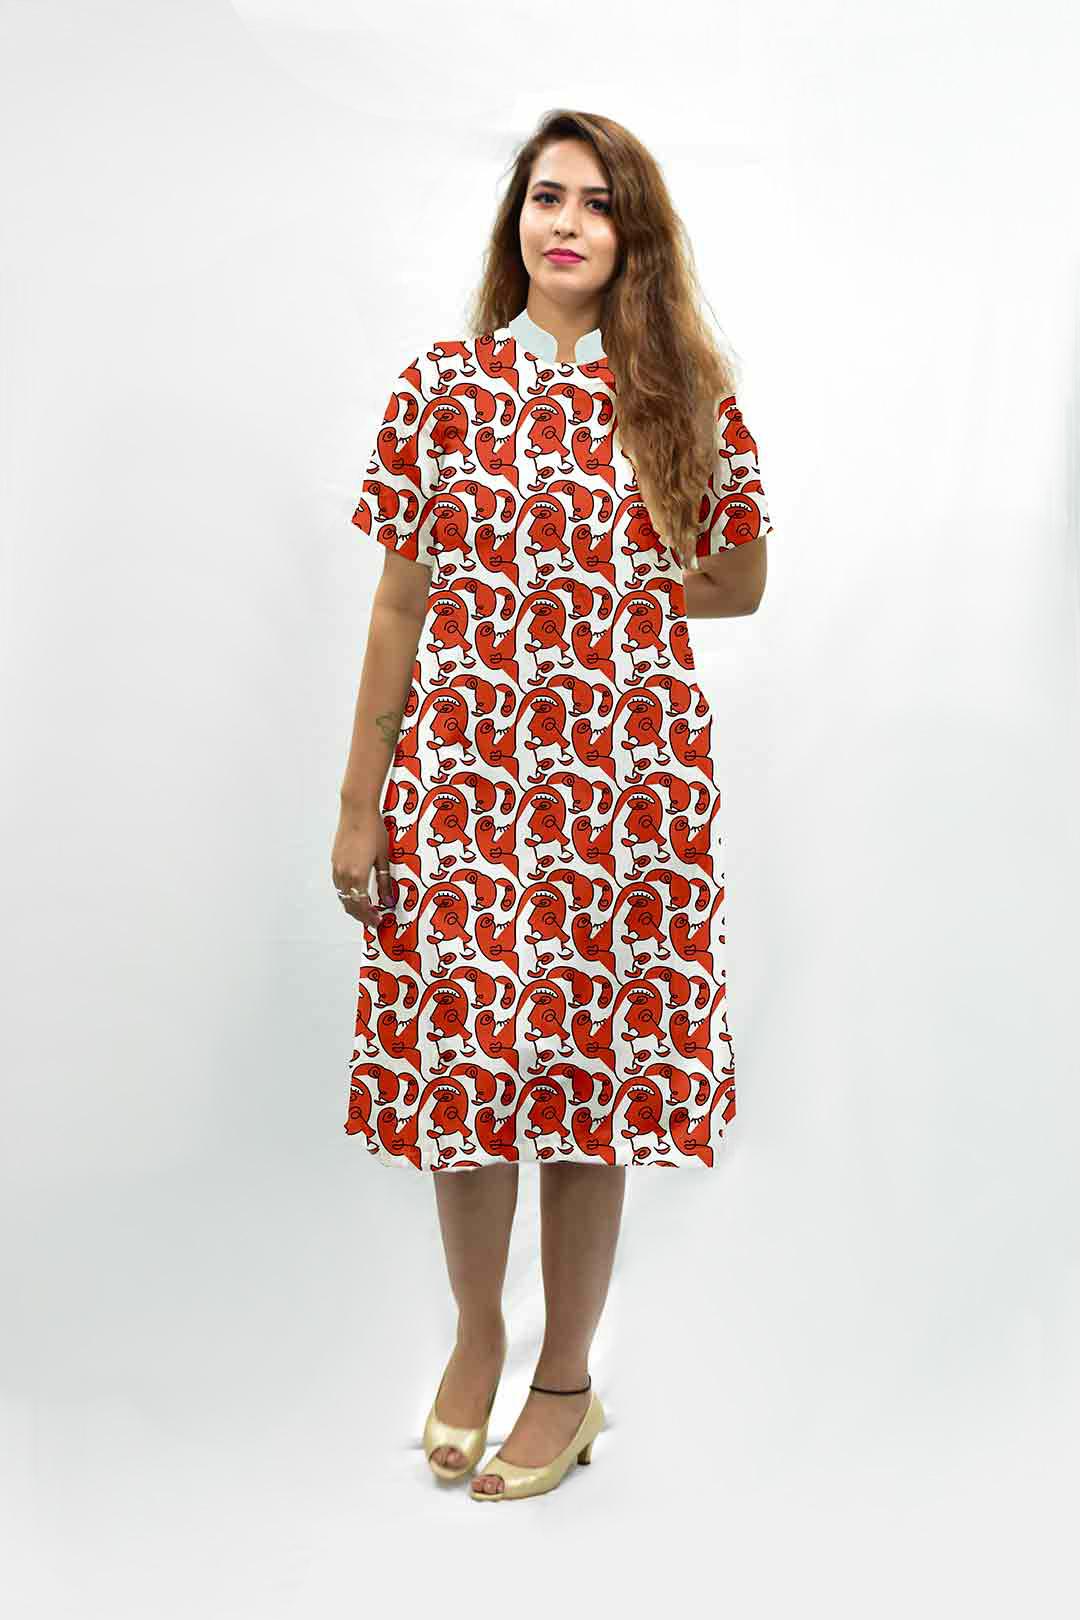 Georgette A Line Dress – Faces